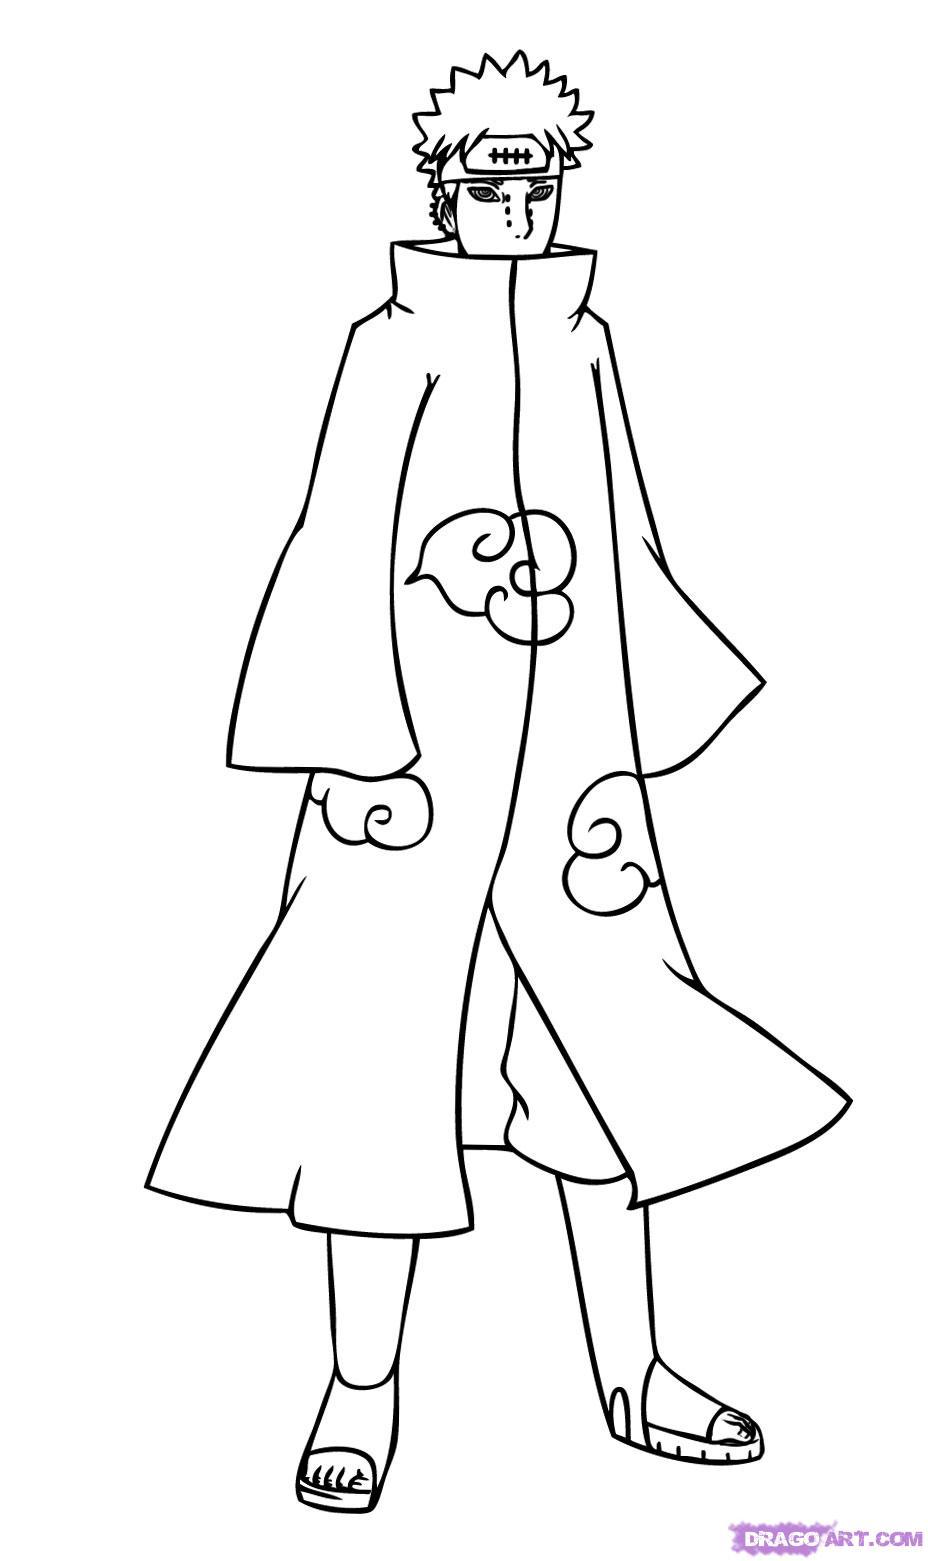 Drawn naruto pein How 6 How Naruto naruto